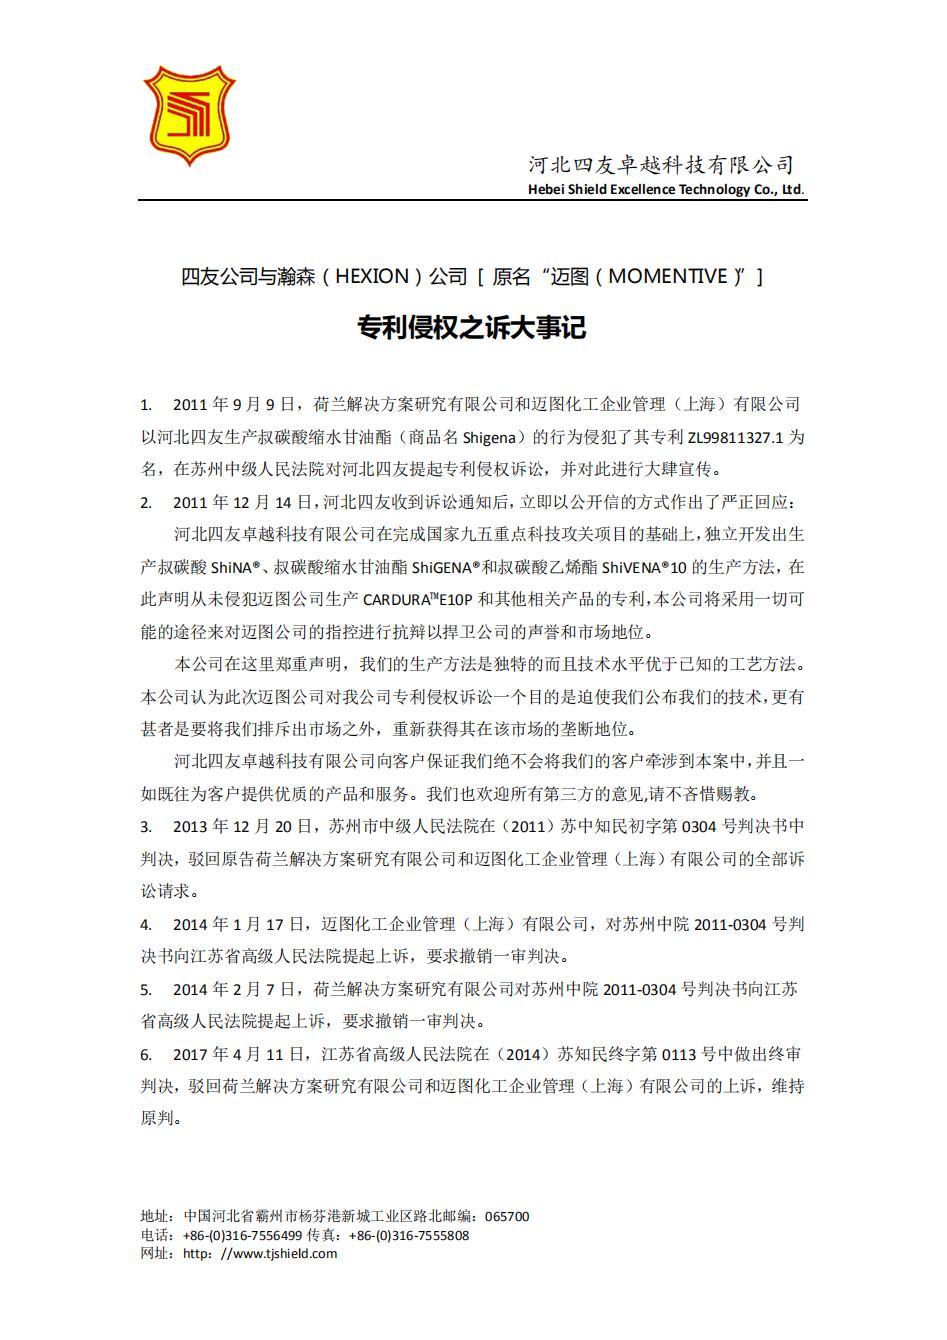 網站2020-專利侵權大事記.png